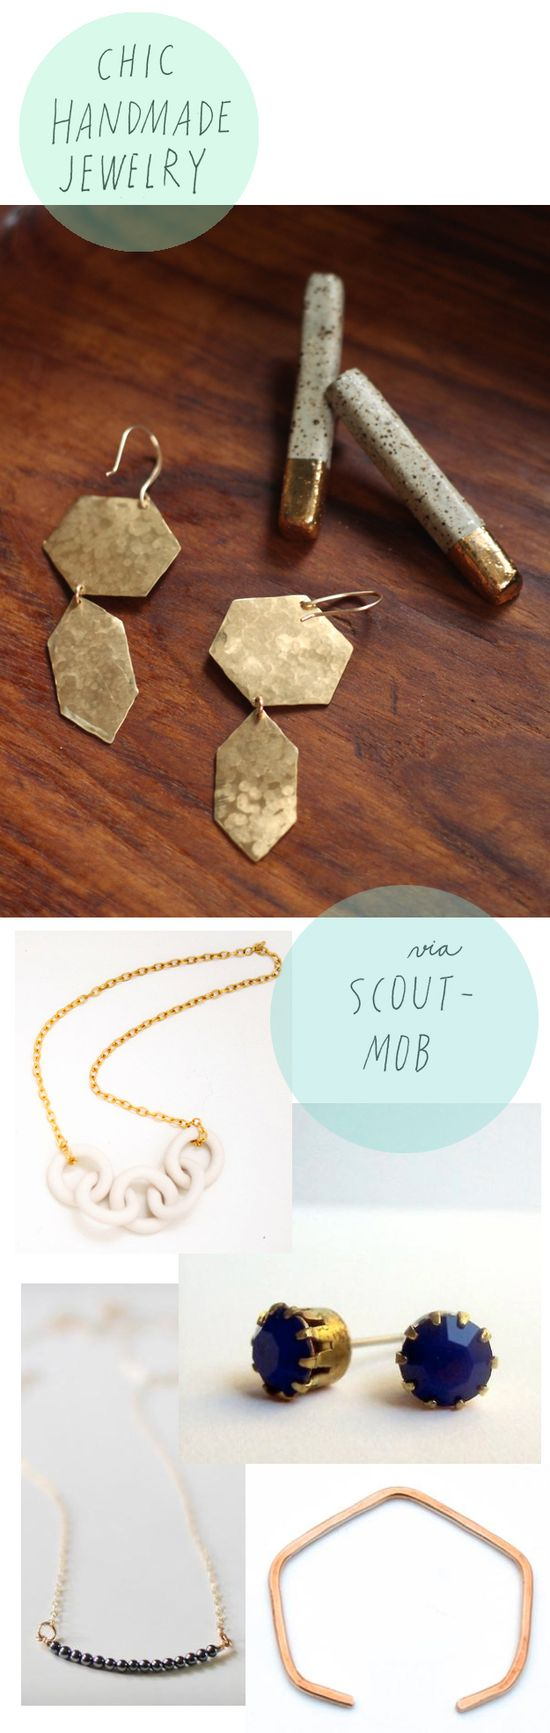 Chic handmade jewelry on Scoutmob